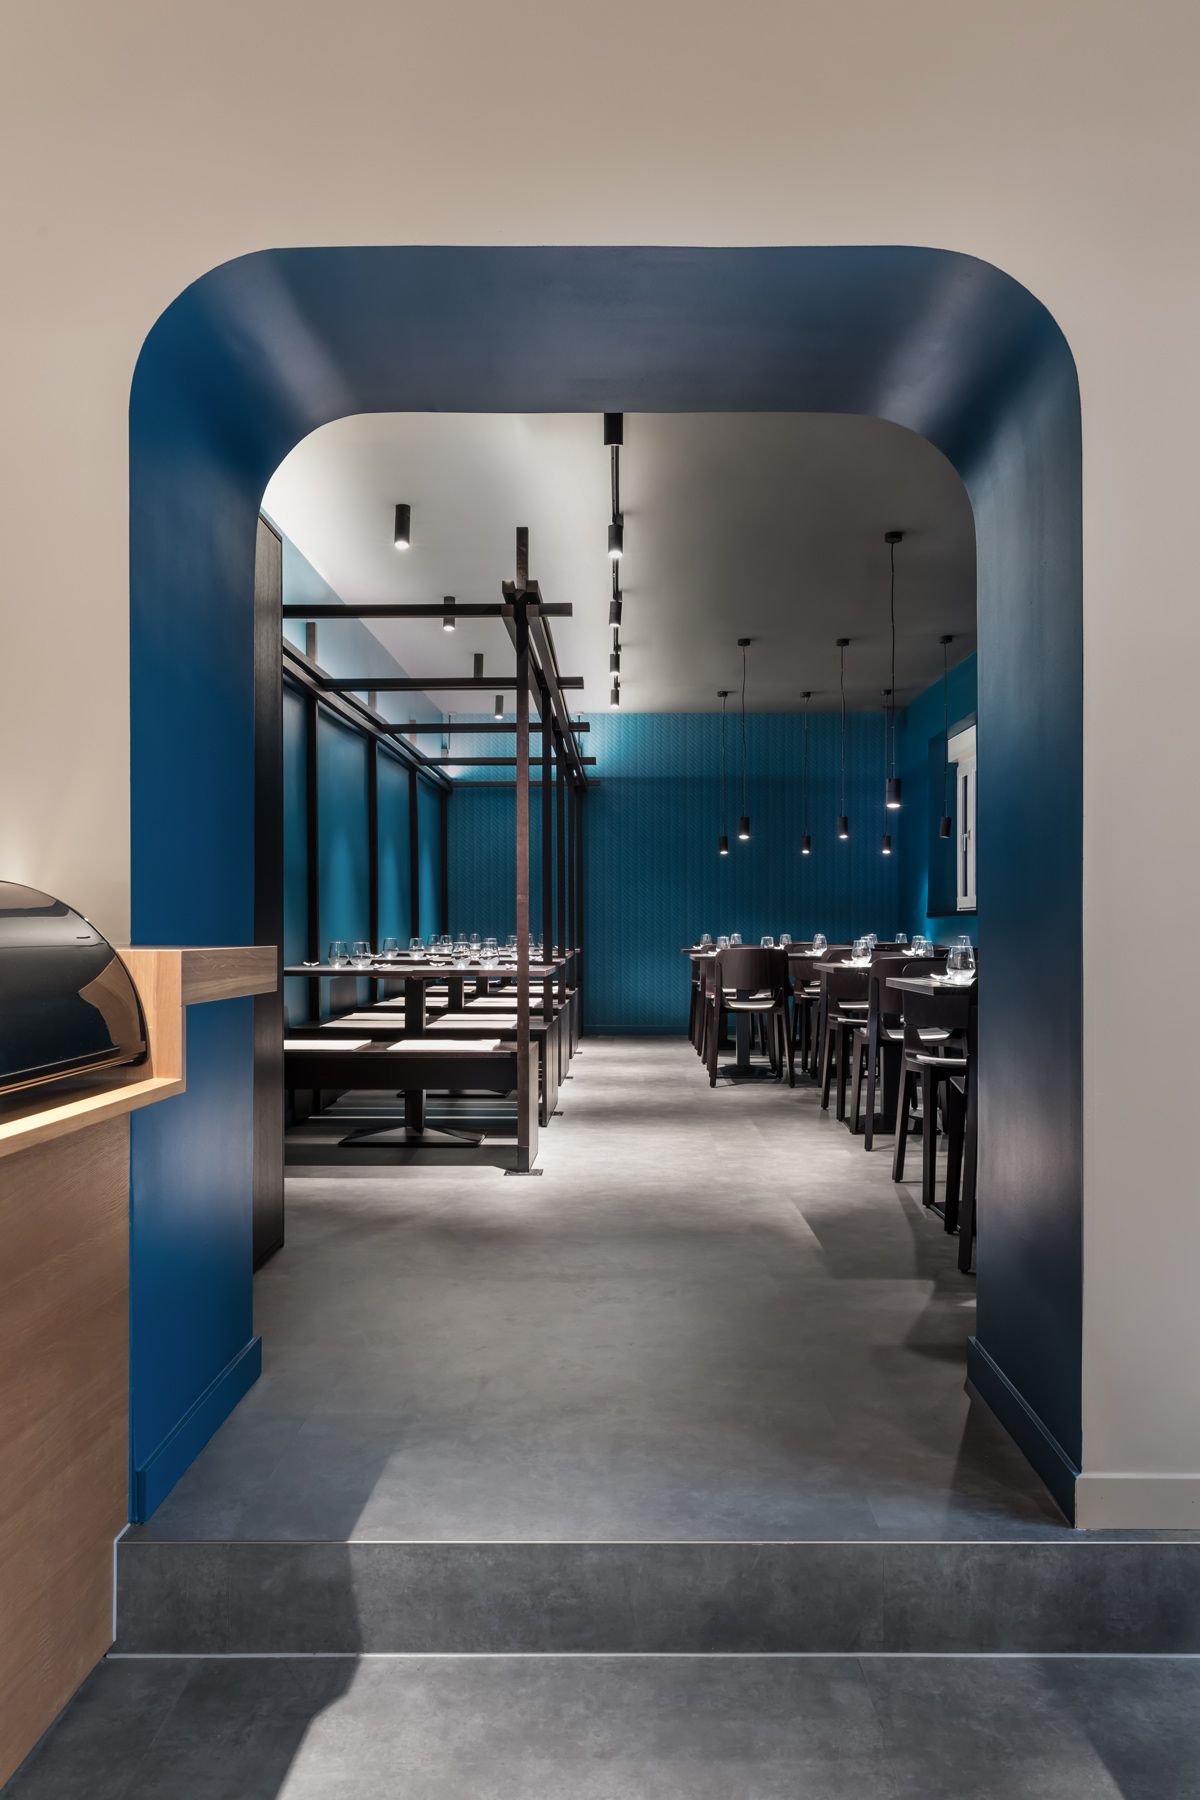 dittelarchitekten, Akeno Restaurant